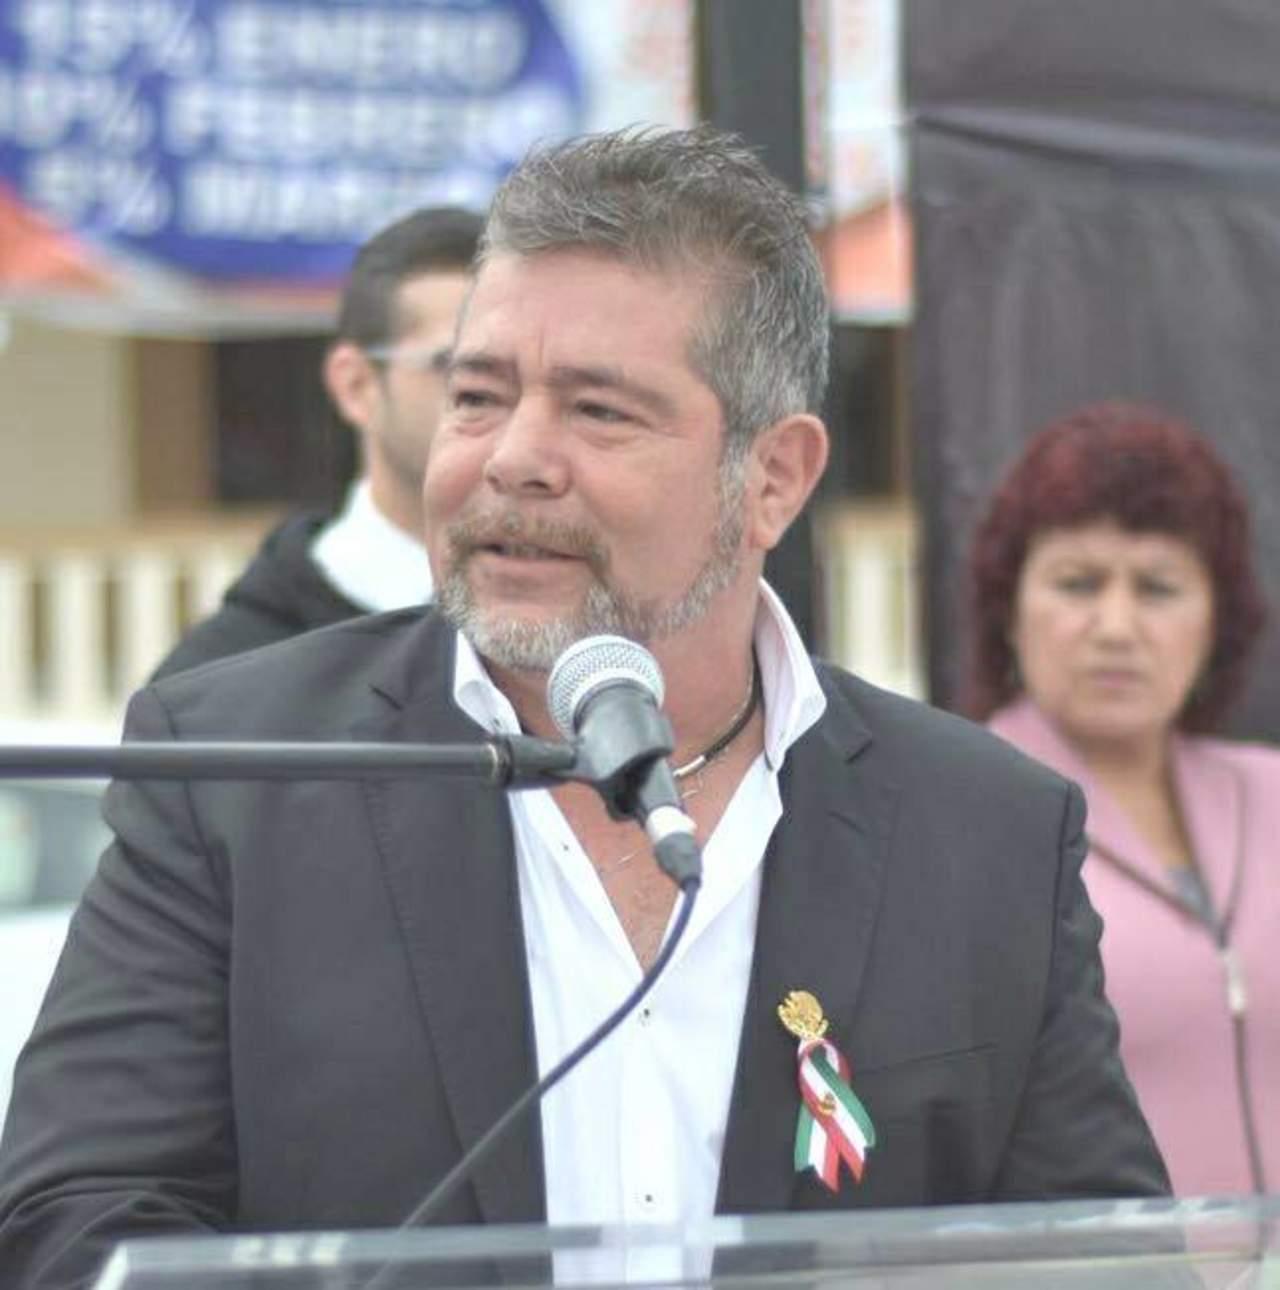 Trasladarán Wrangler de Allende a Torreón: alcalde